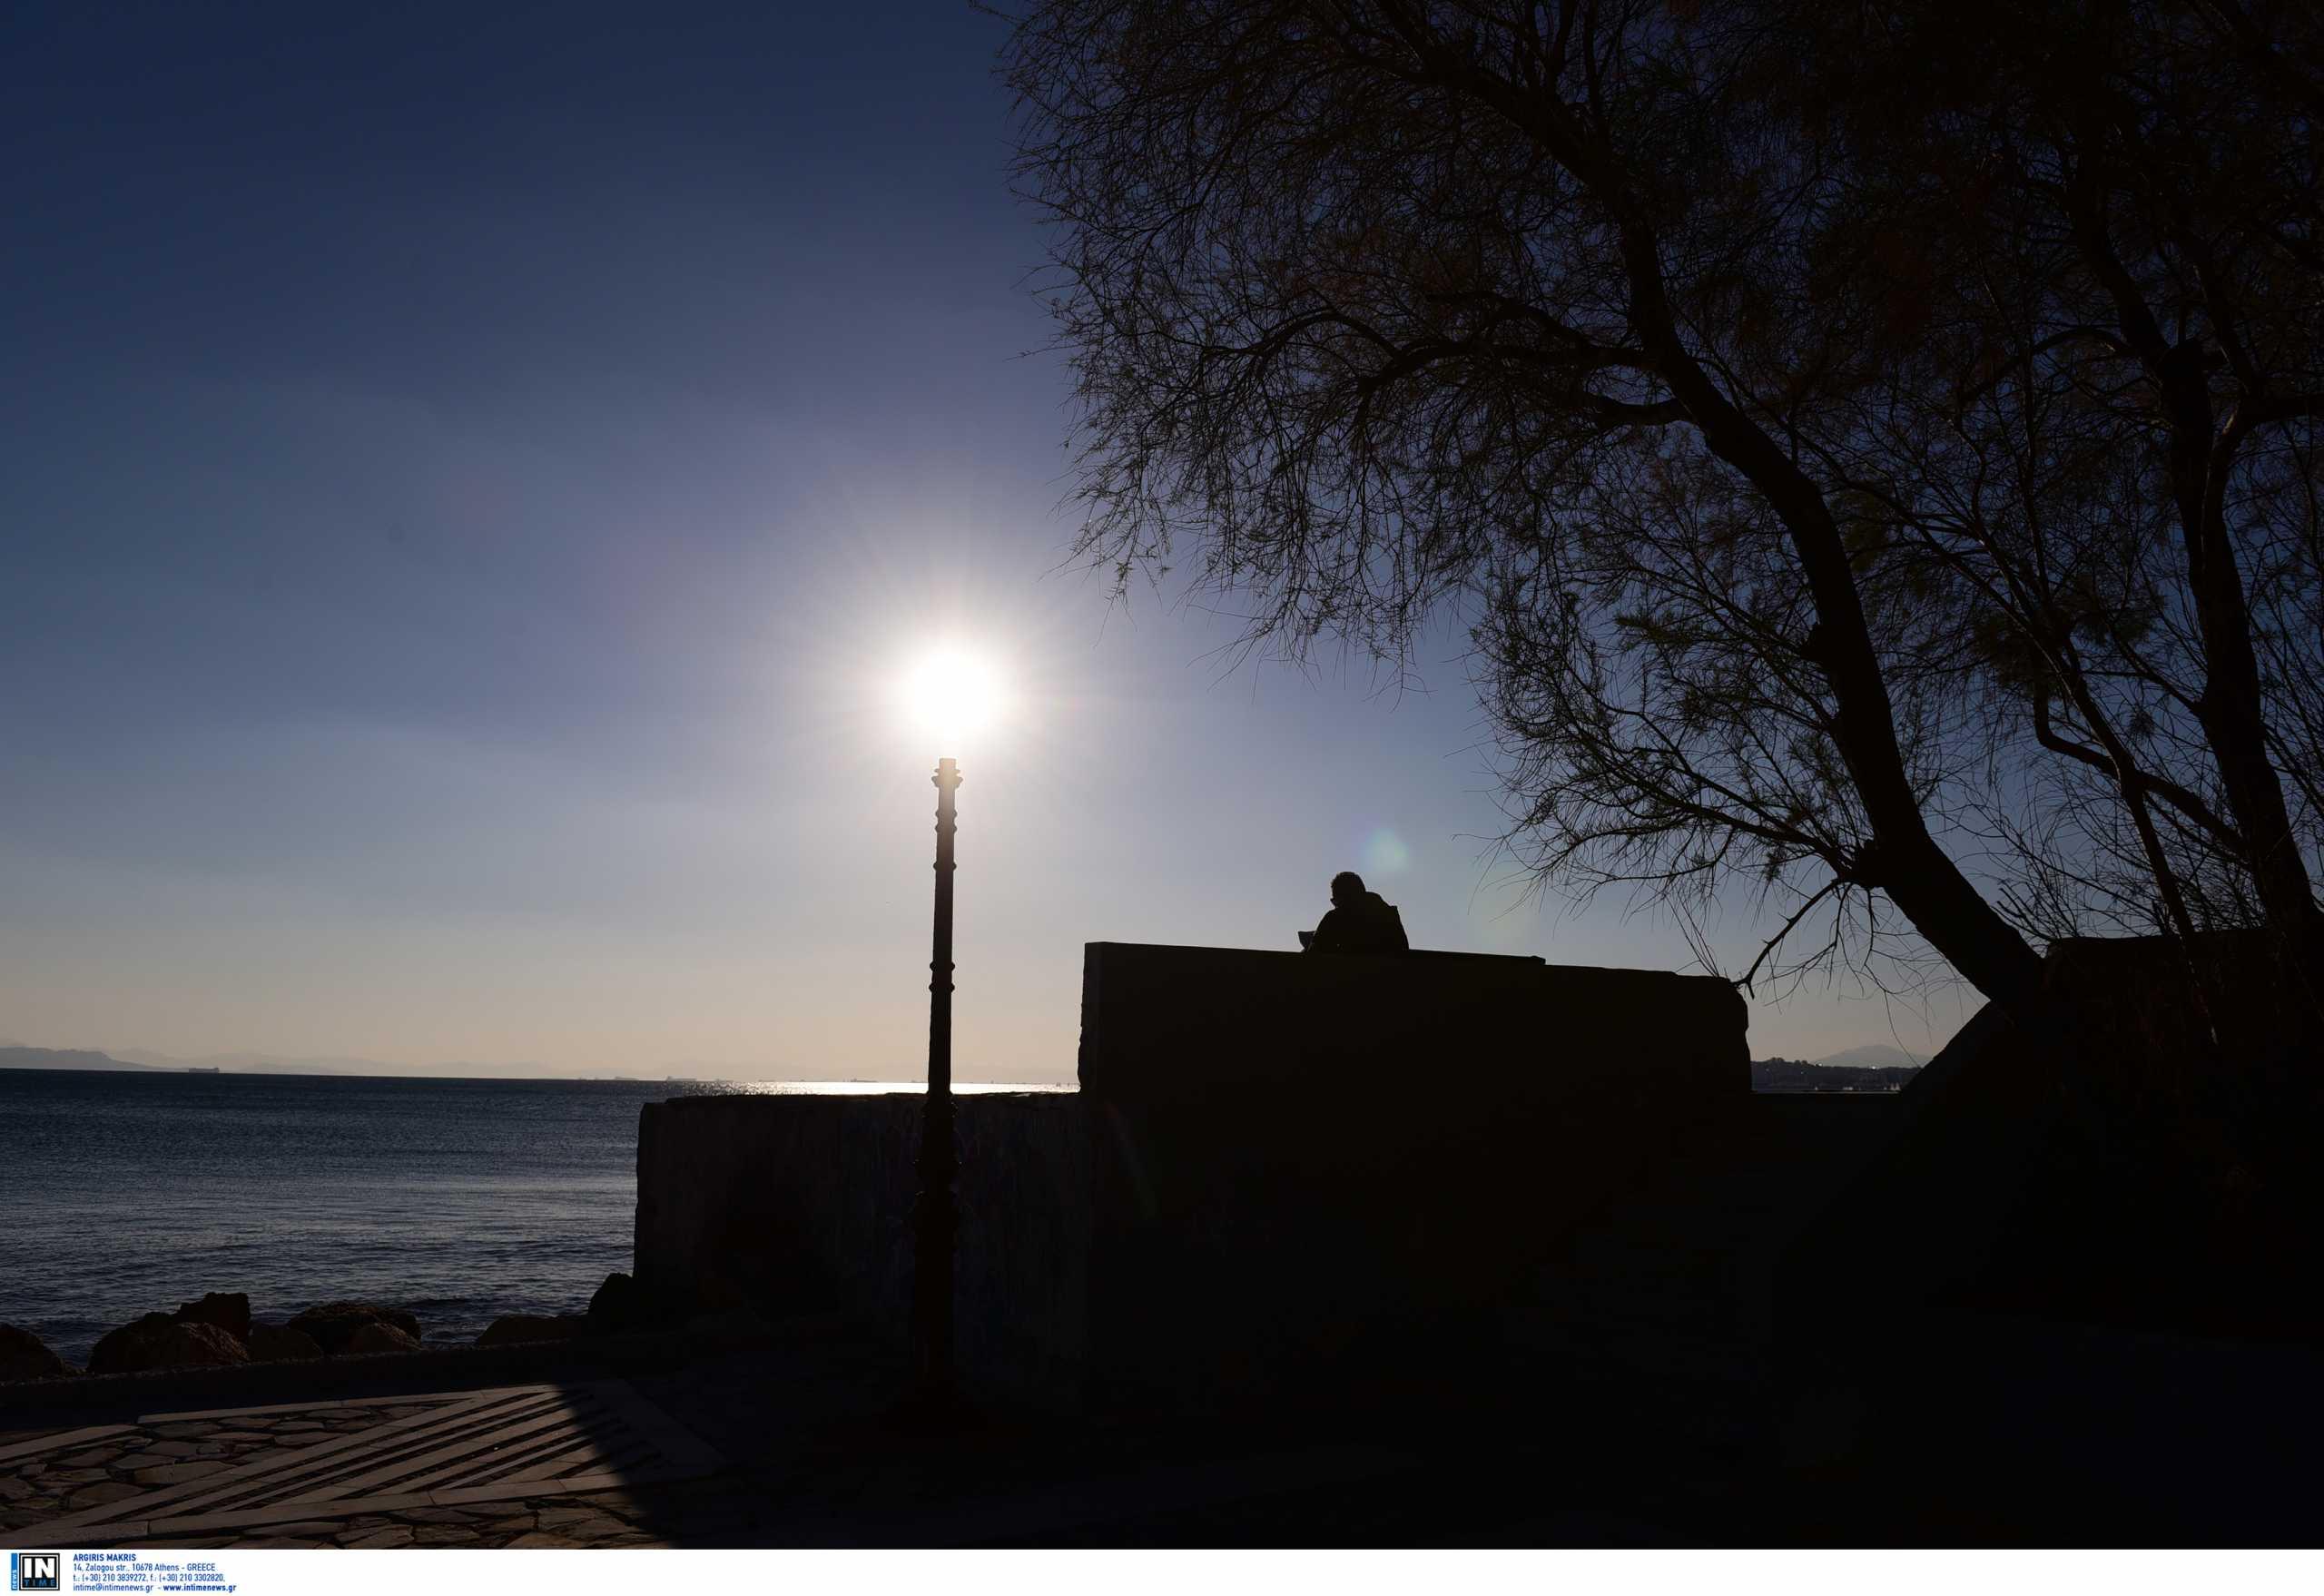 Καιρός meteo: Βελτίωση από αύριο και άνοδος της θερμοκρασίας - Μπορεί να βρέξει μόνο στη Ν. Πελοπόννησο